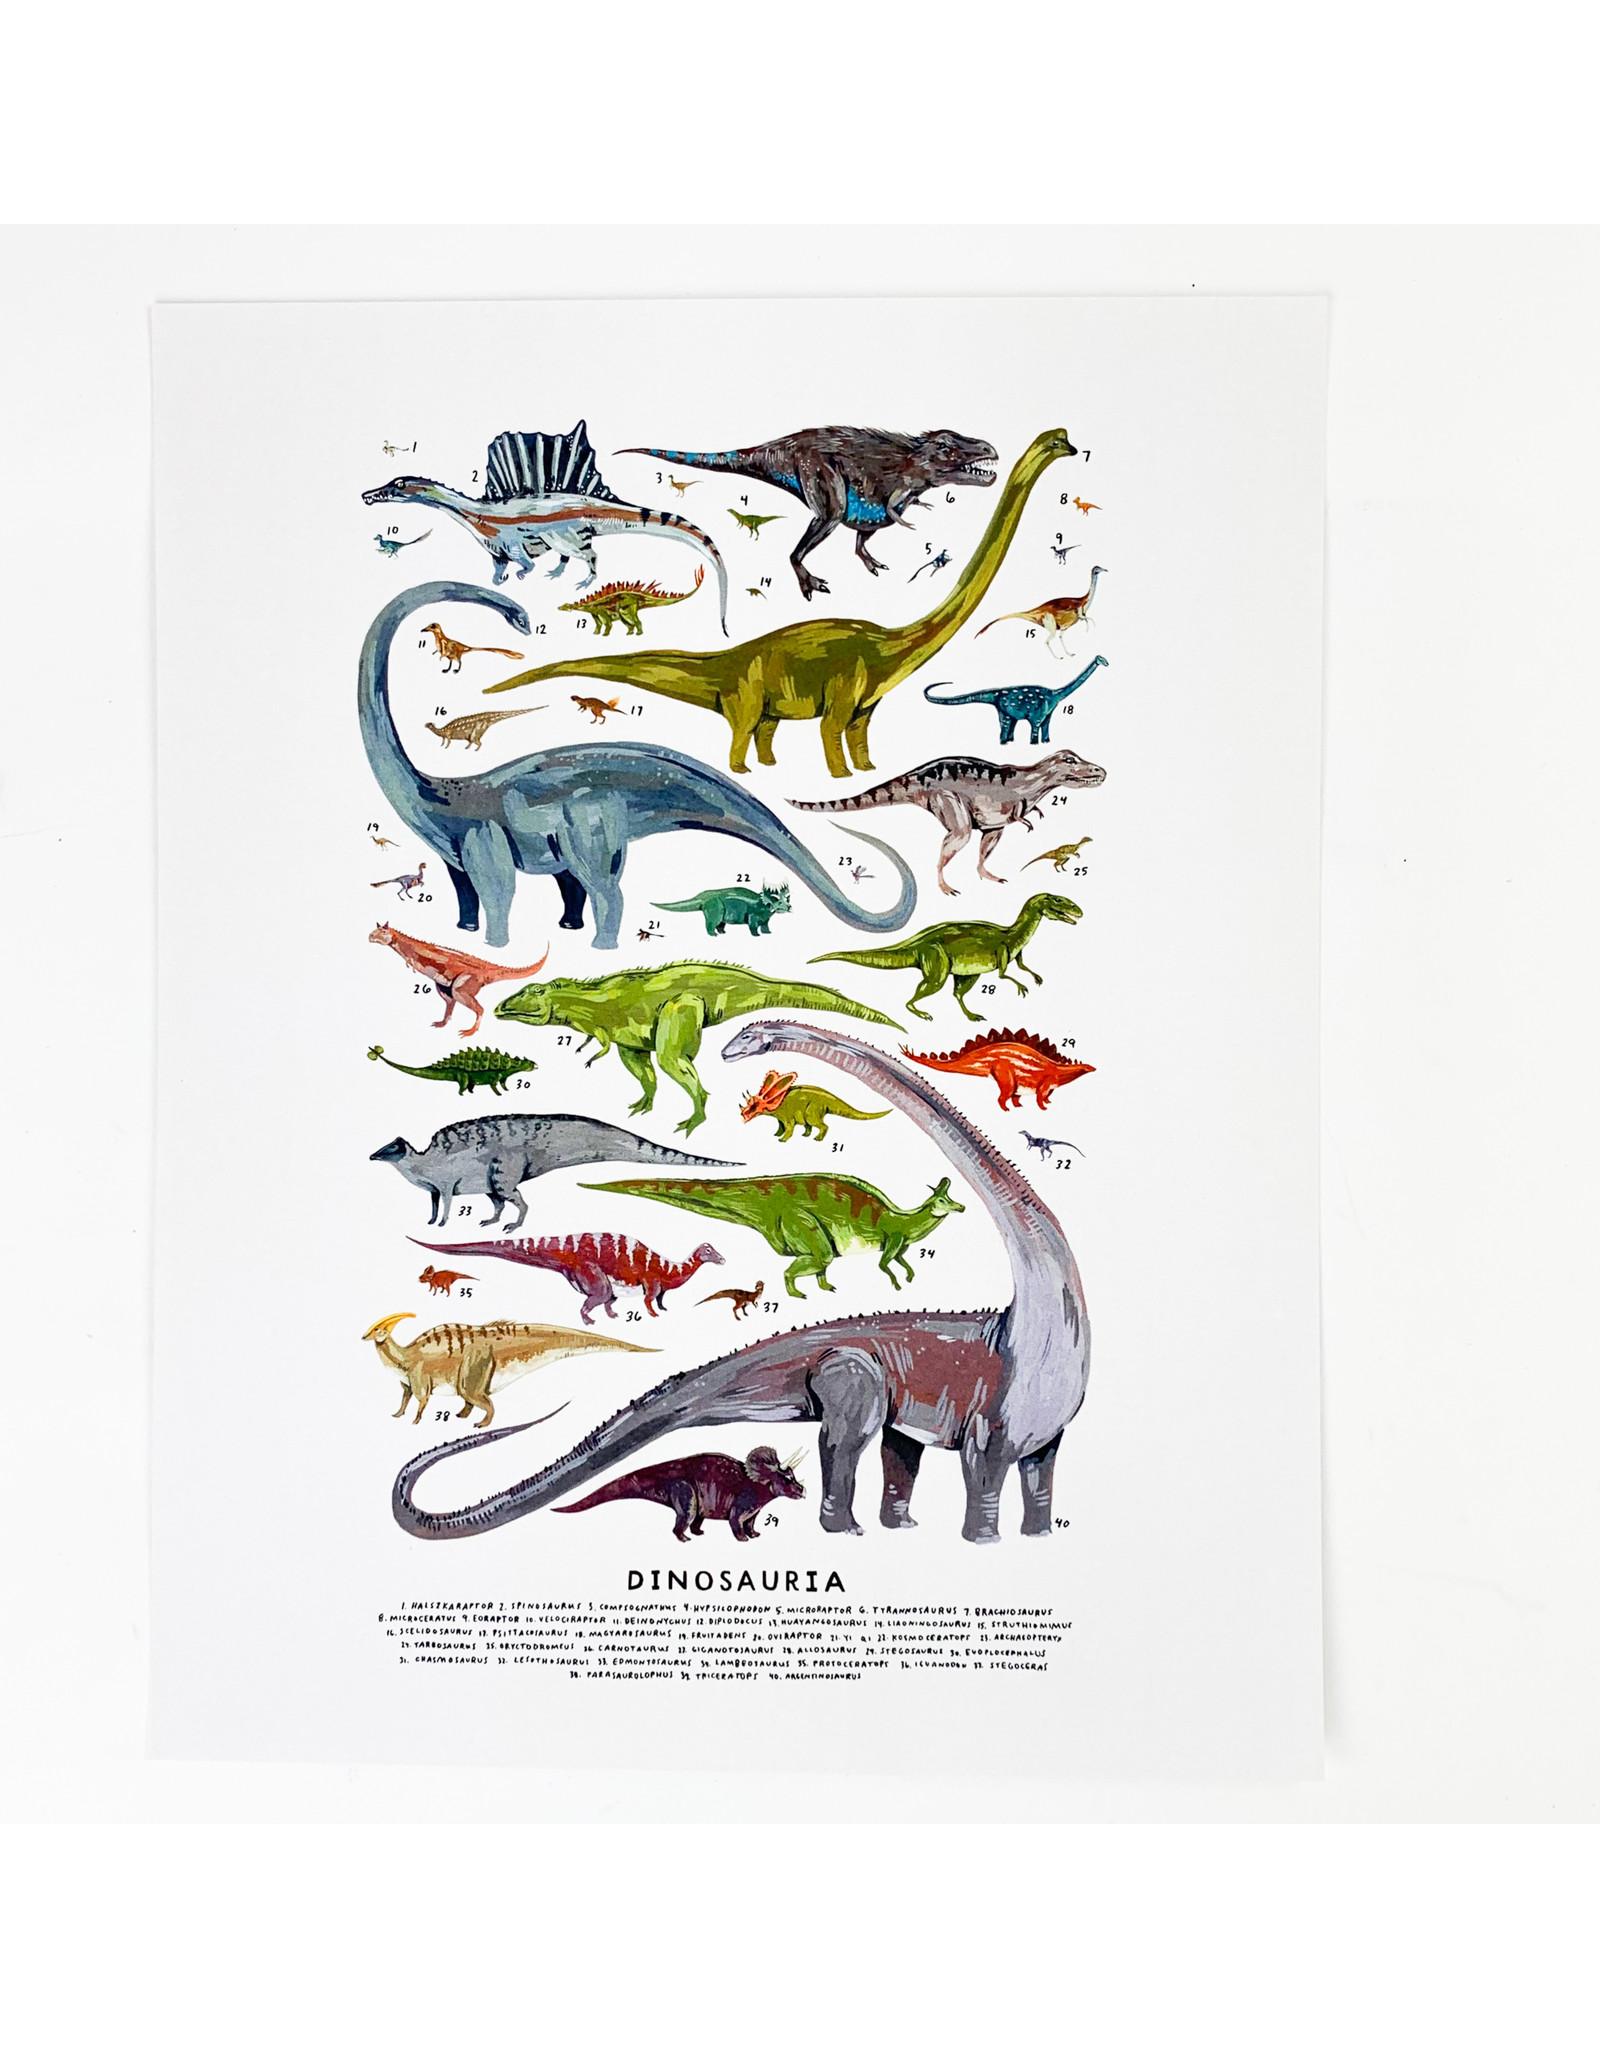 Kelzuki/Consignment Dinosauria Print - Consignment